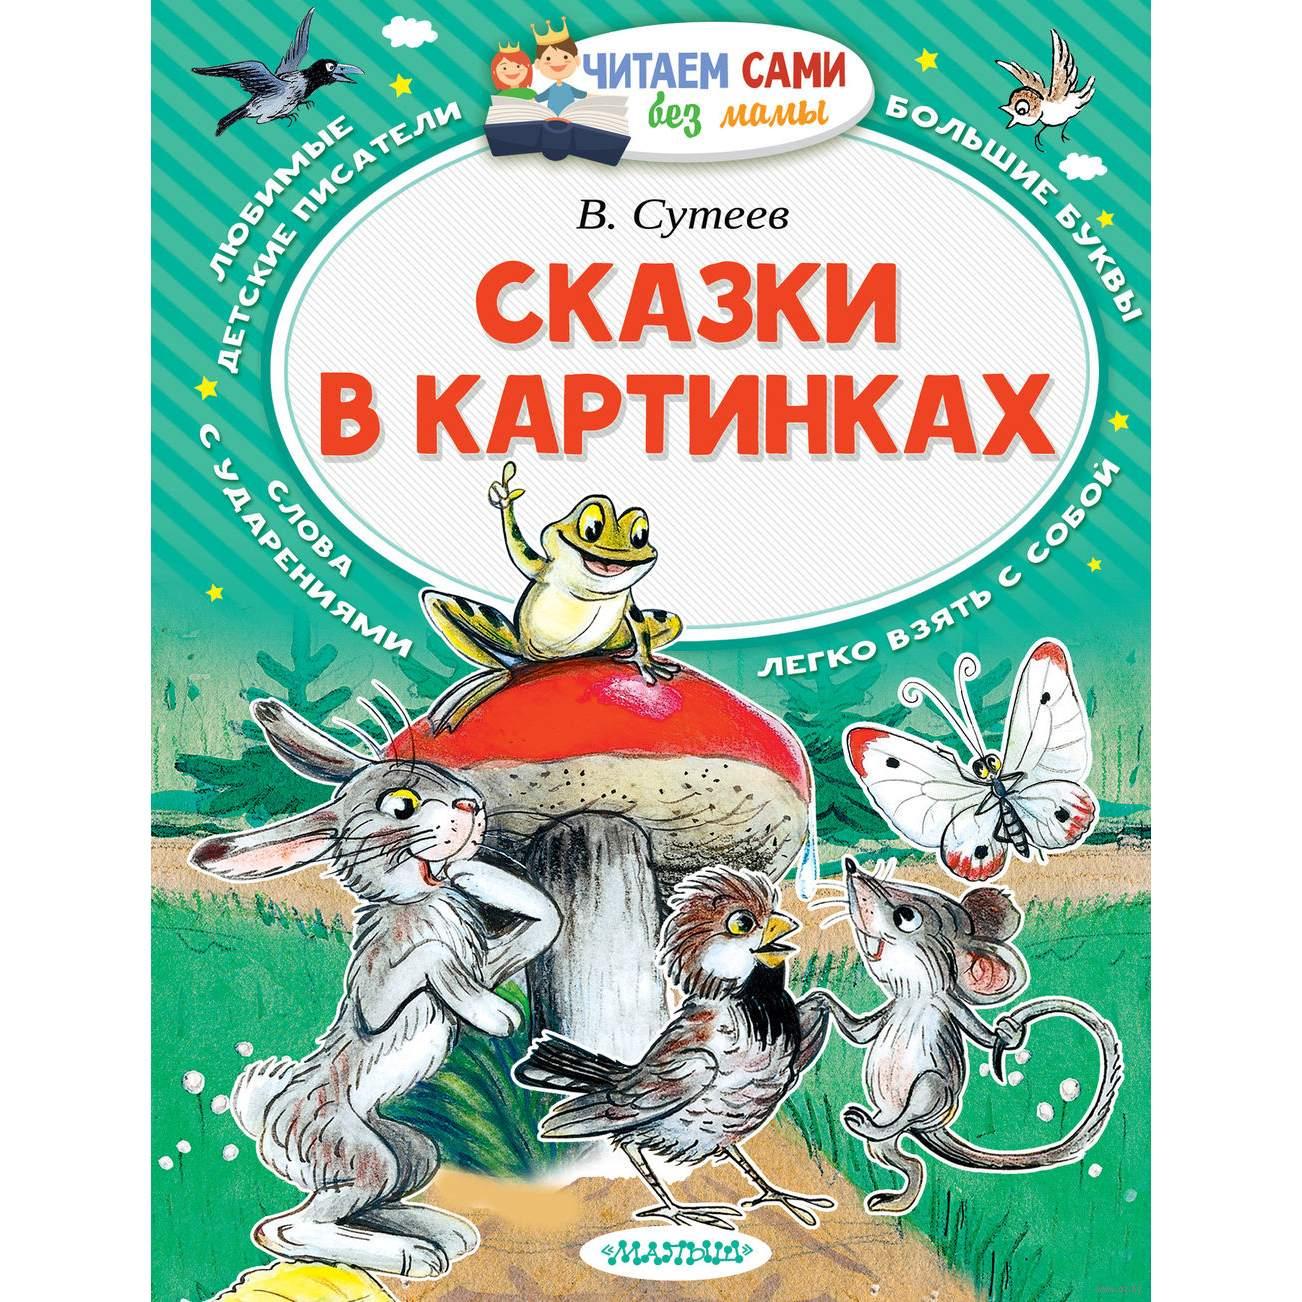 Купить Книга из серии Читаем сами без мамы. В. Сутеев - Сказки в картинках, АСТ